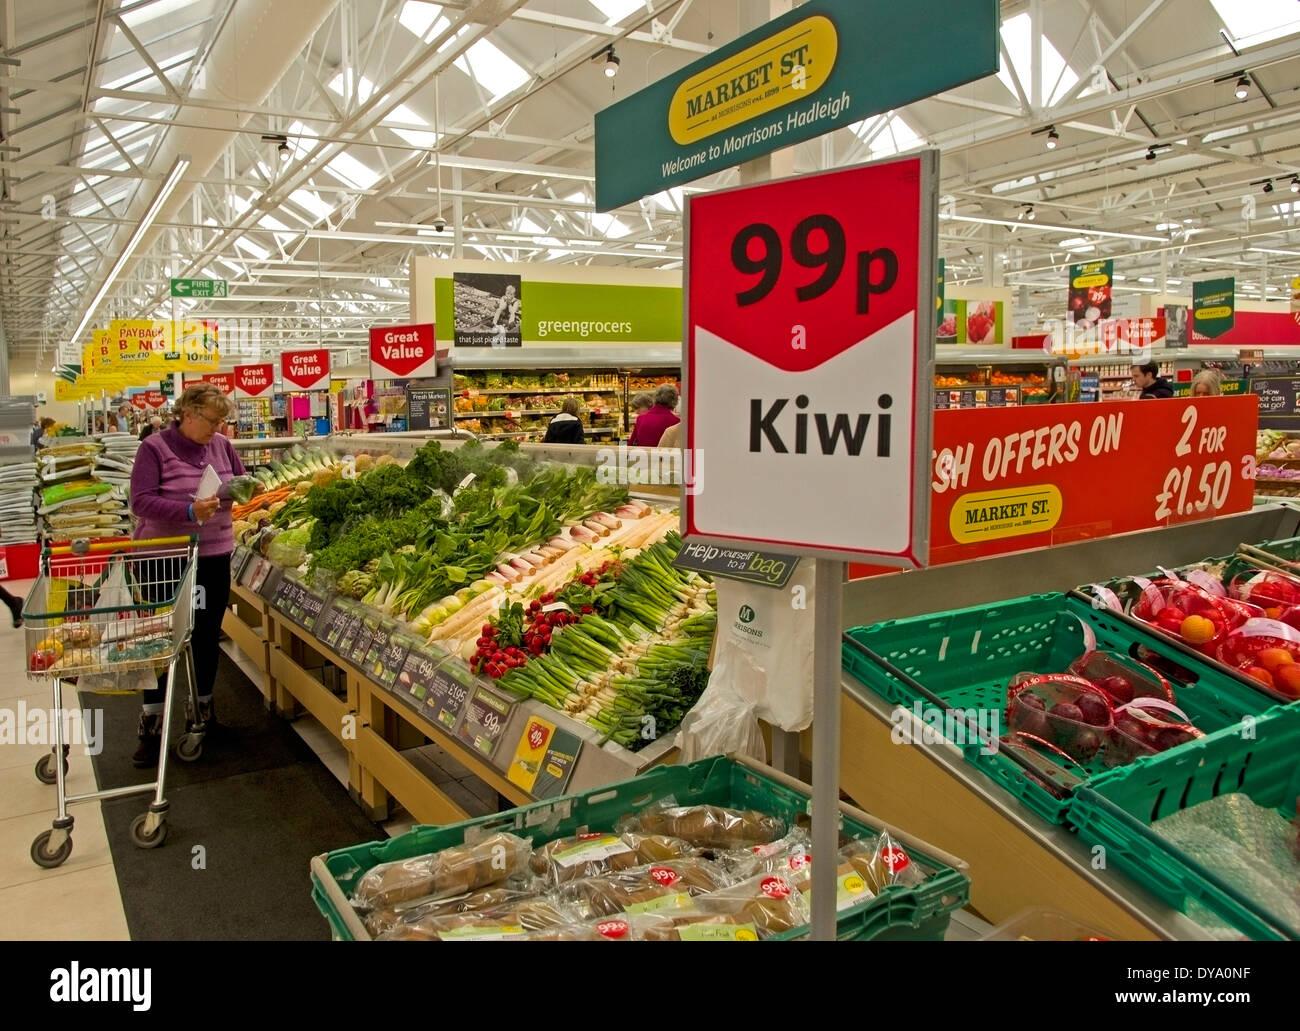 Ortaggi freschi in offerta al mercato sezione St di Morrisons supermercato sul bordo di Hadleigh Suffolk Immagini Stock